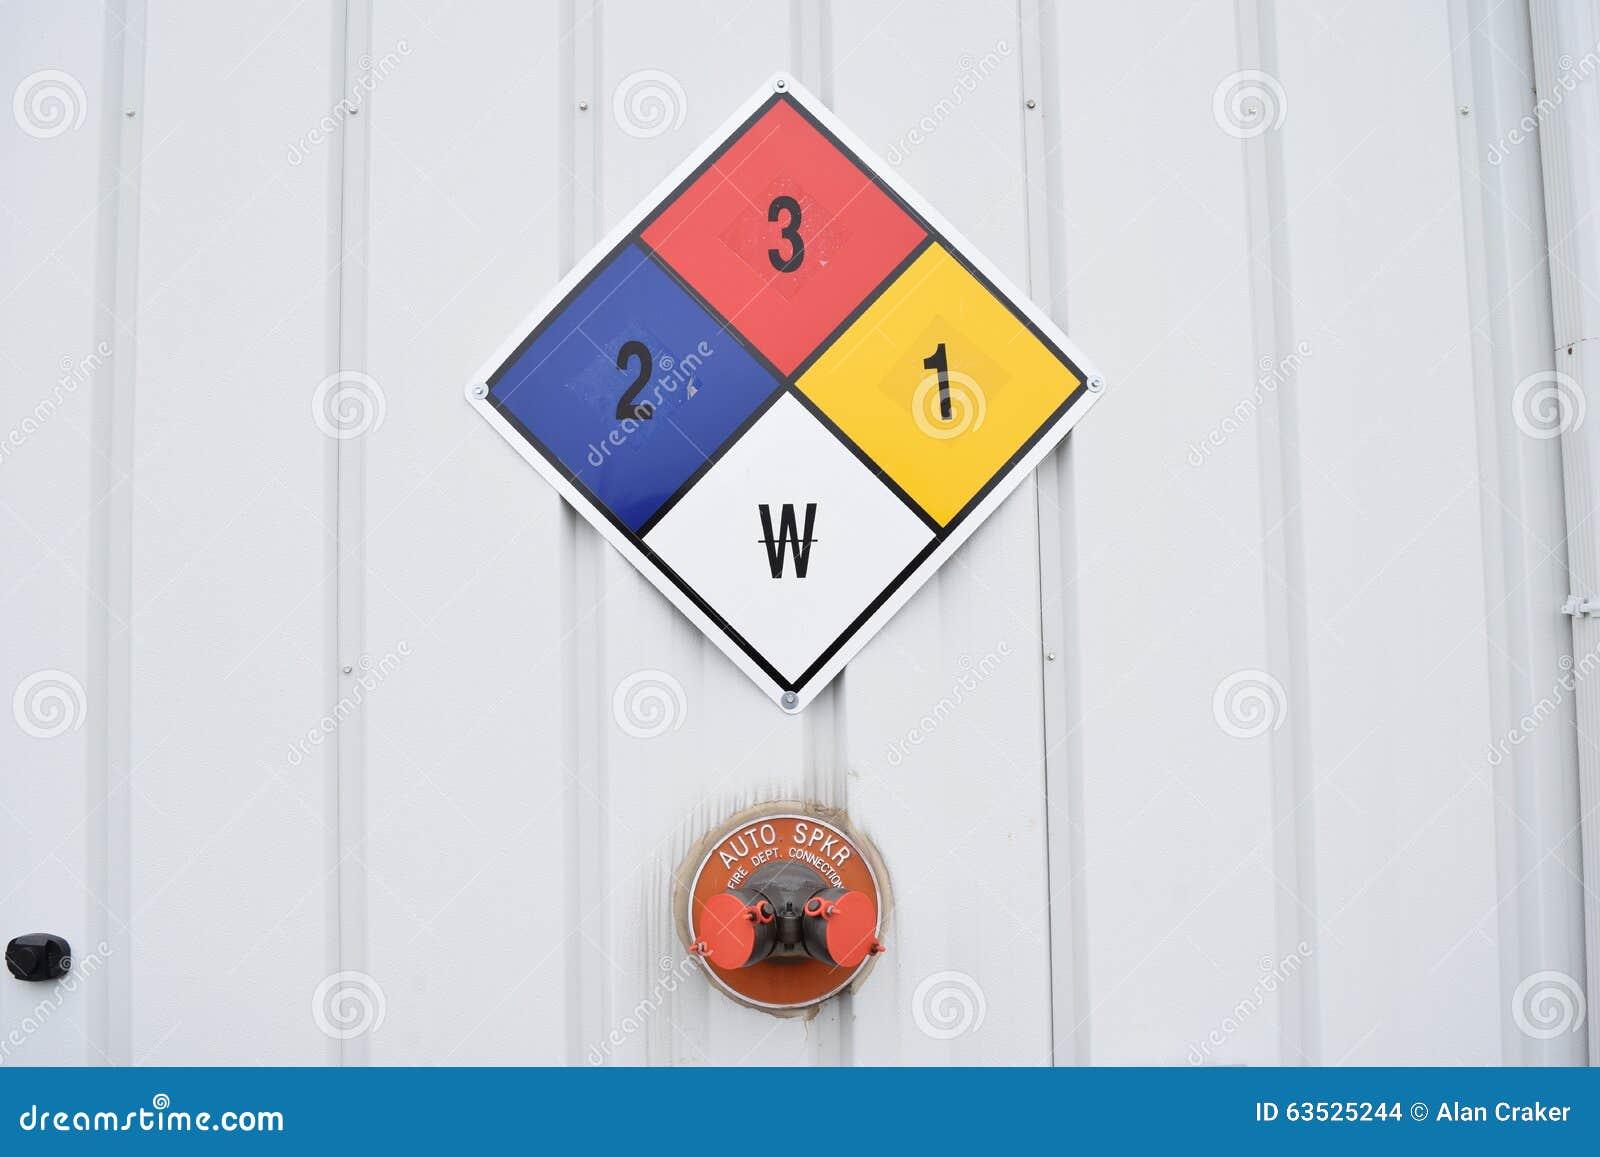 Tecken för klassifikation Nmc Hmc8r för farliga material